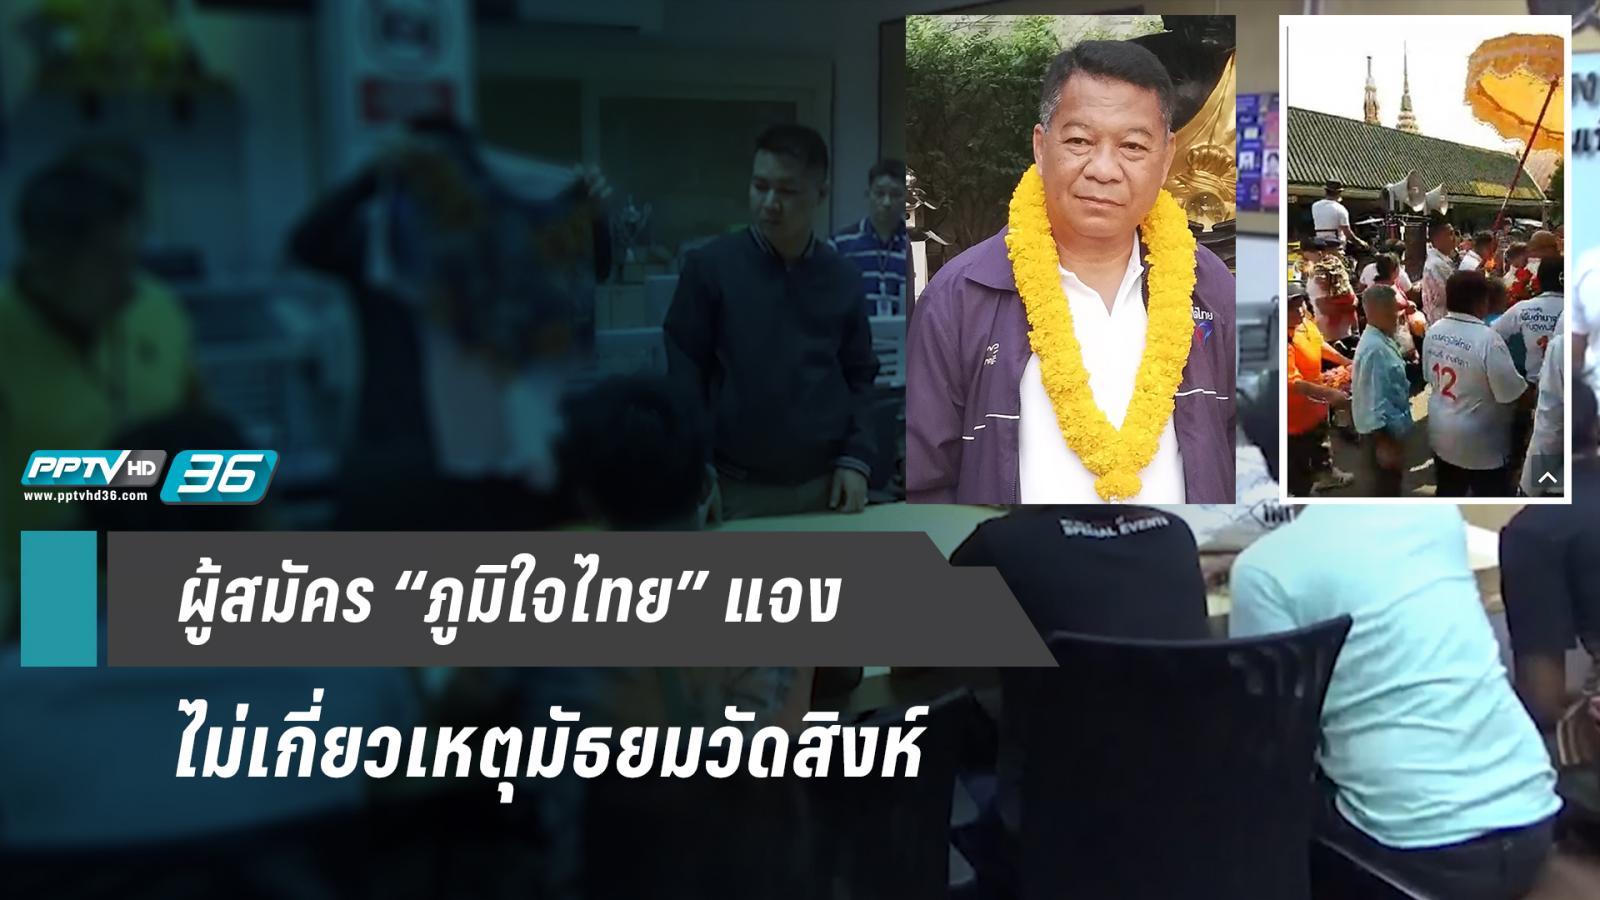 """""""ผู้สมัครภูมิใจไทย"""" ระบุไม่รู้เรื่องวัยรุ่นบุกมัธยมวัดสิงห์"""